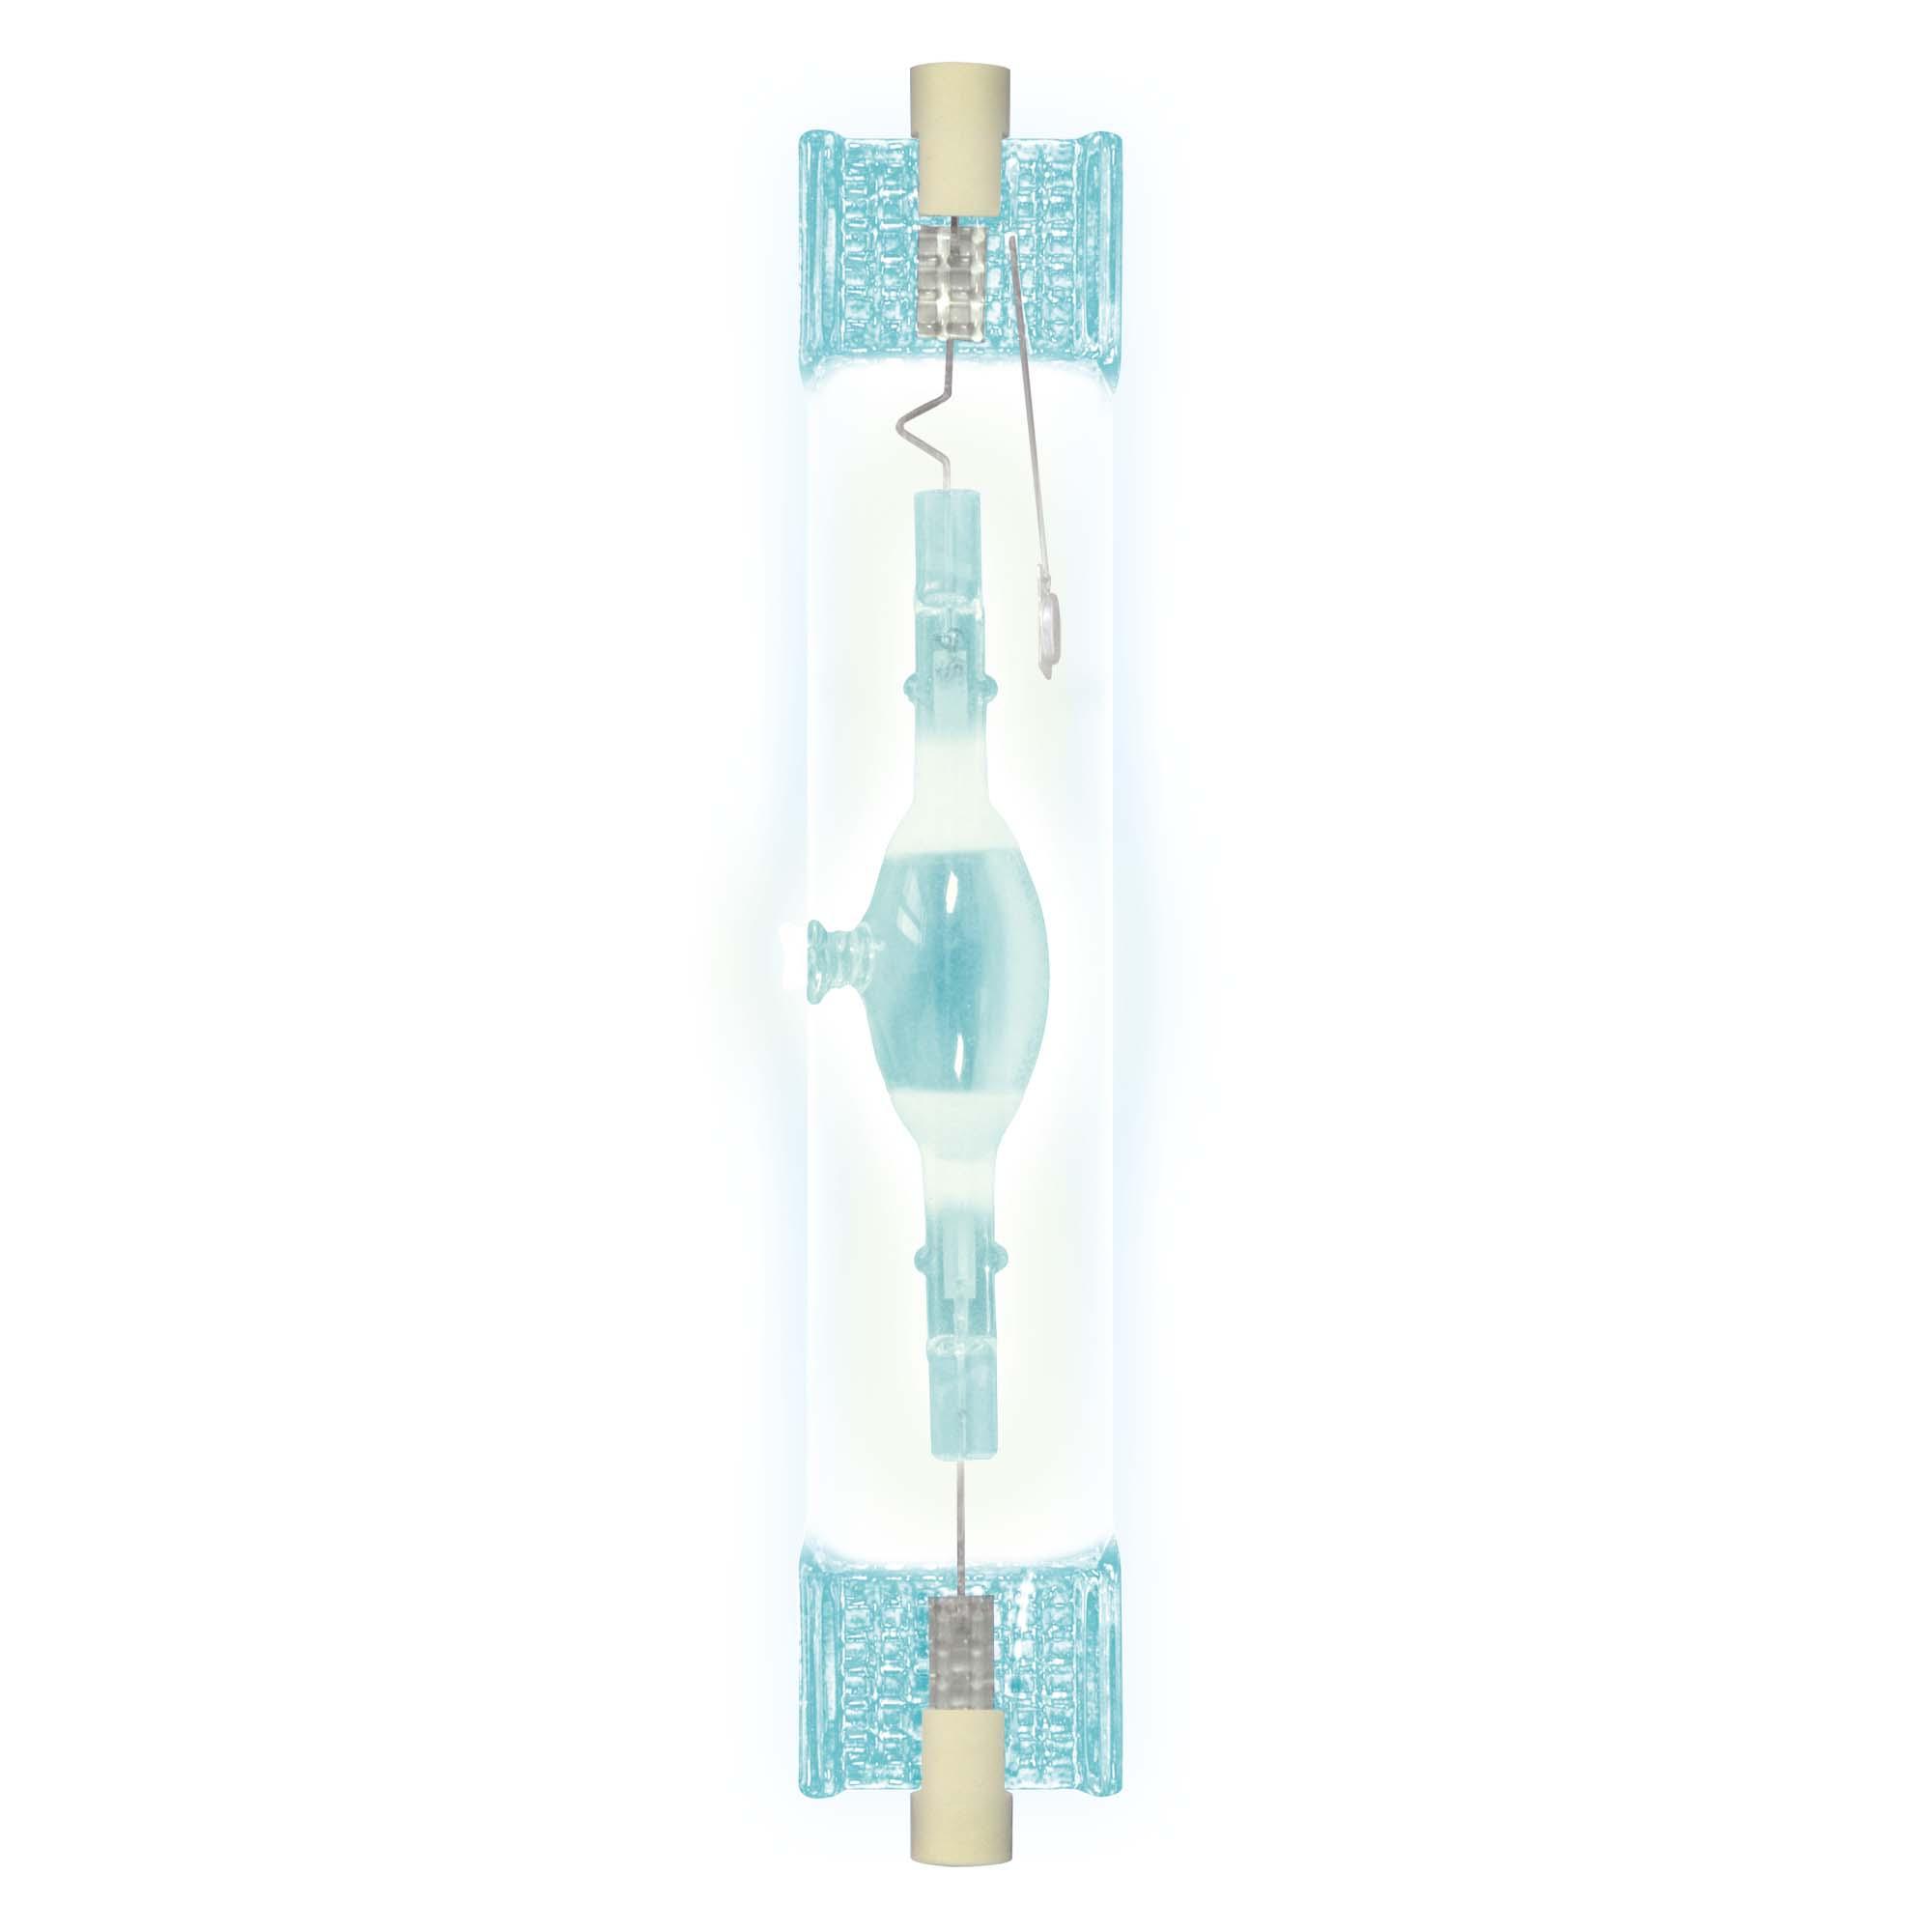 Лампа газоразрядная Uniel Mh-de-150/purple/r7s 24шт лампа галогенная econ 1215078 hl r7s j78 150 вт